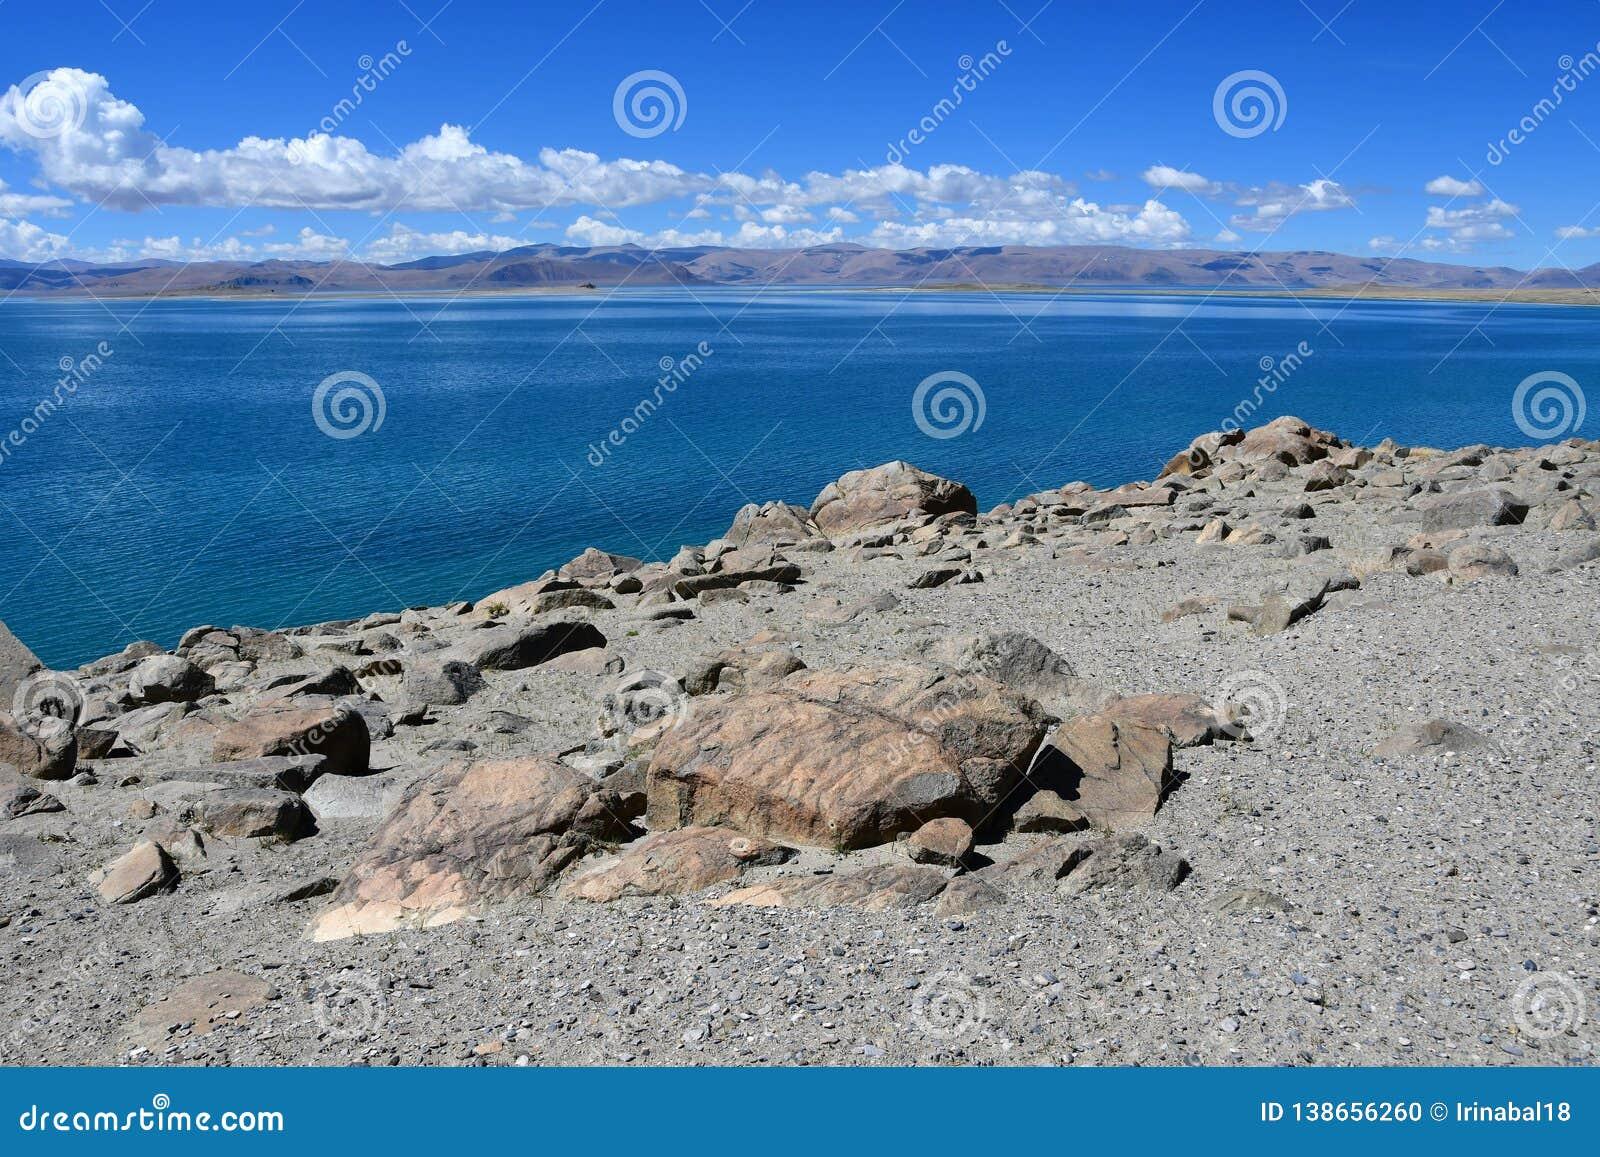 Chiny Wielcy jeziora Tybet Jeziorny Teri Tashi Namtso w słonecznym dniu w Czerwcu